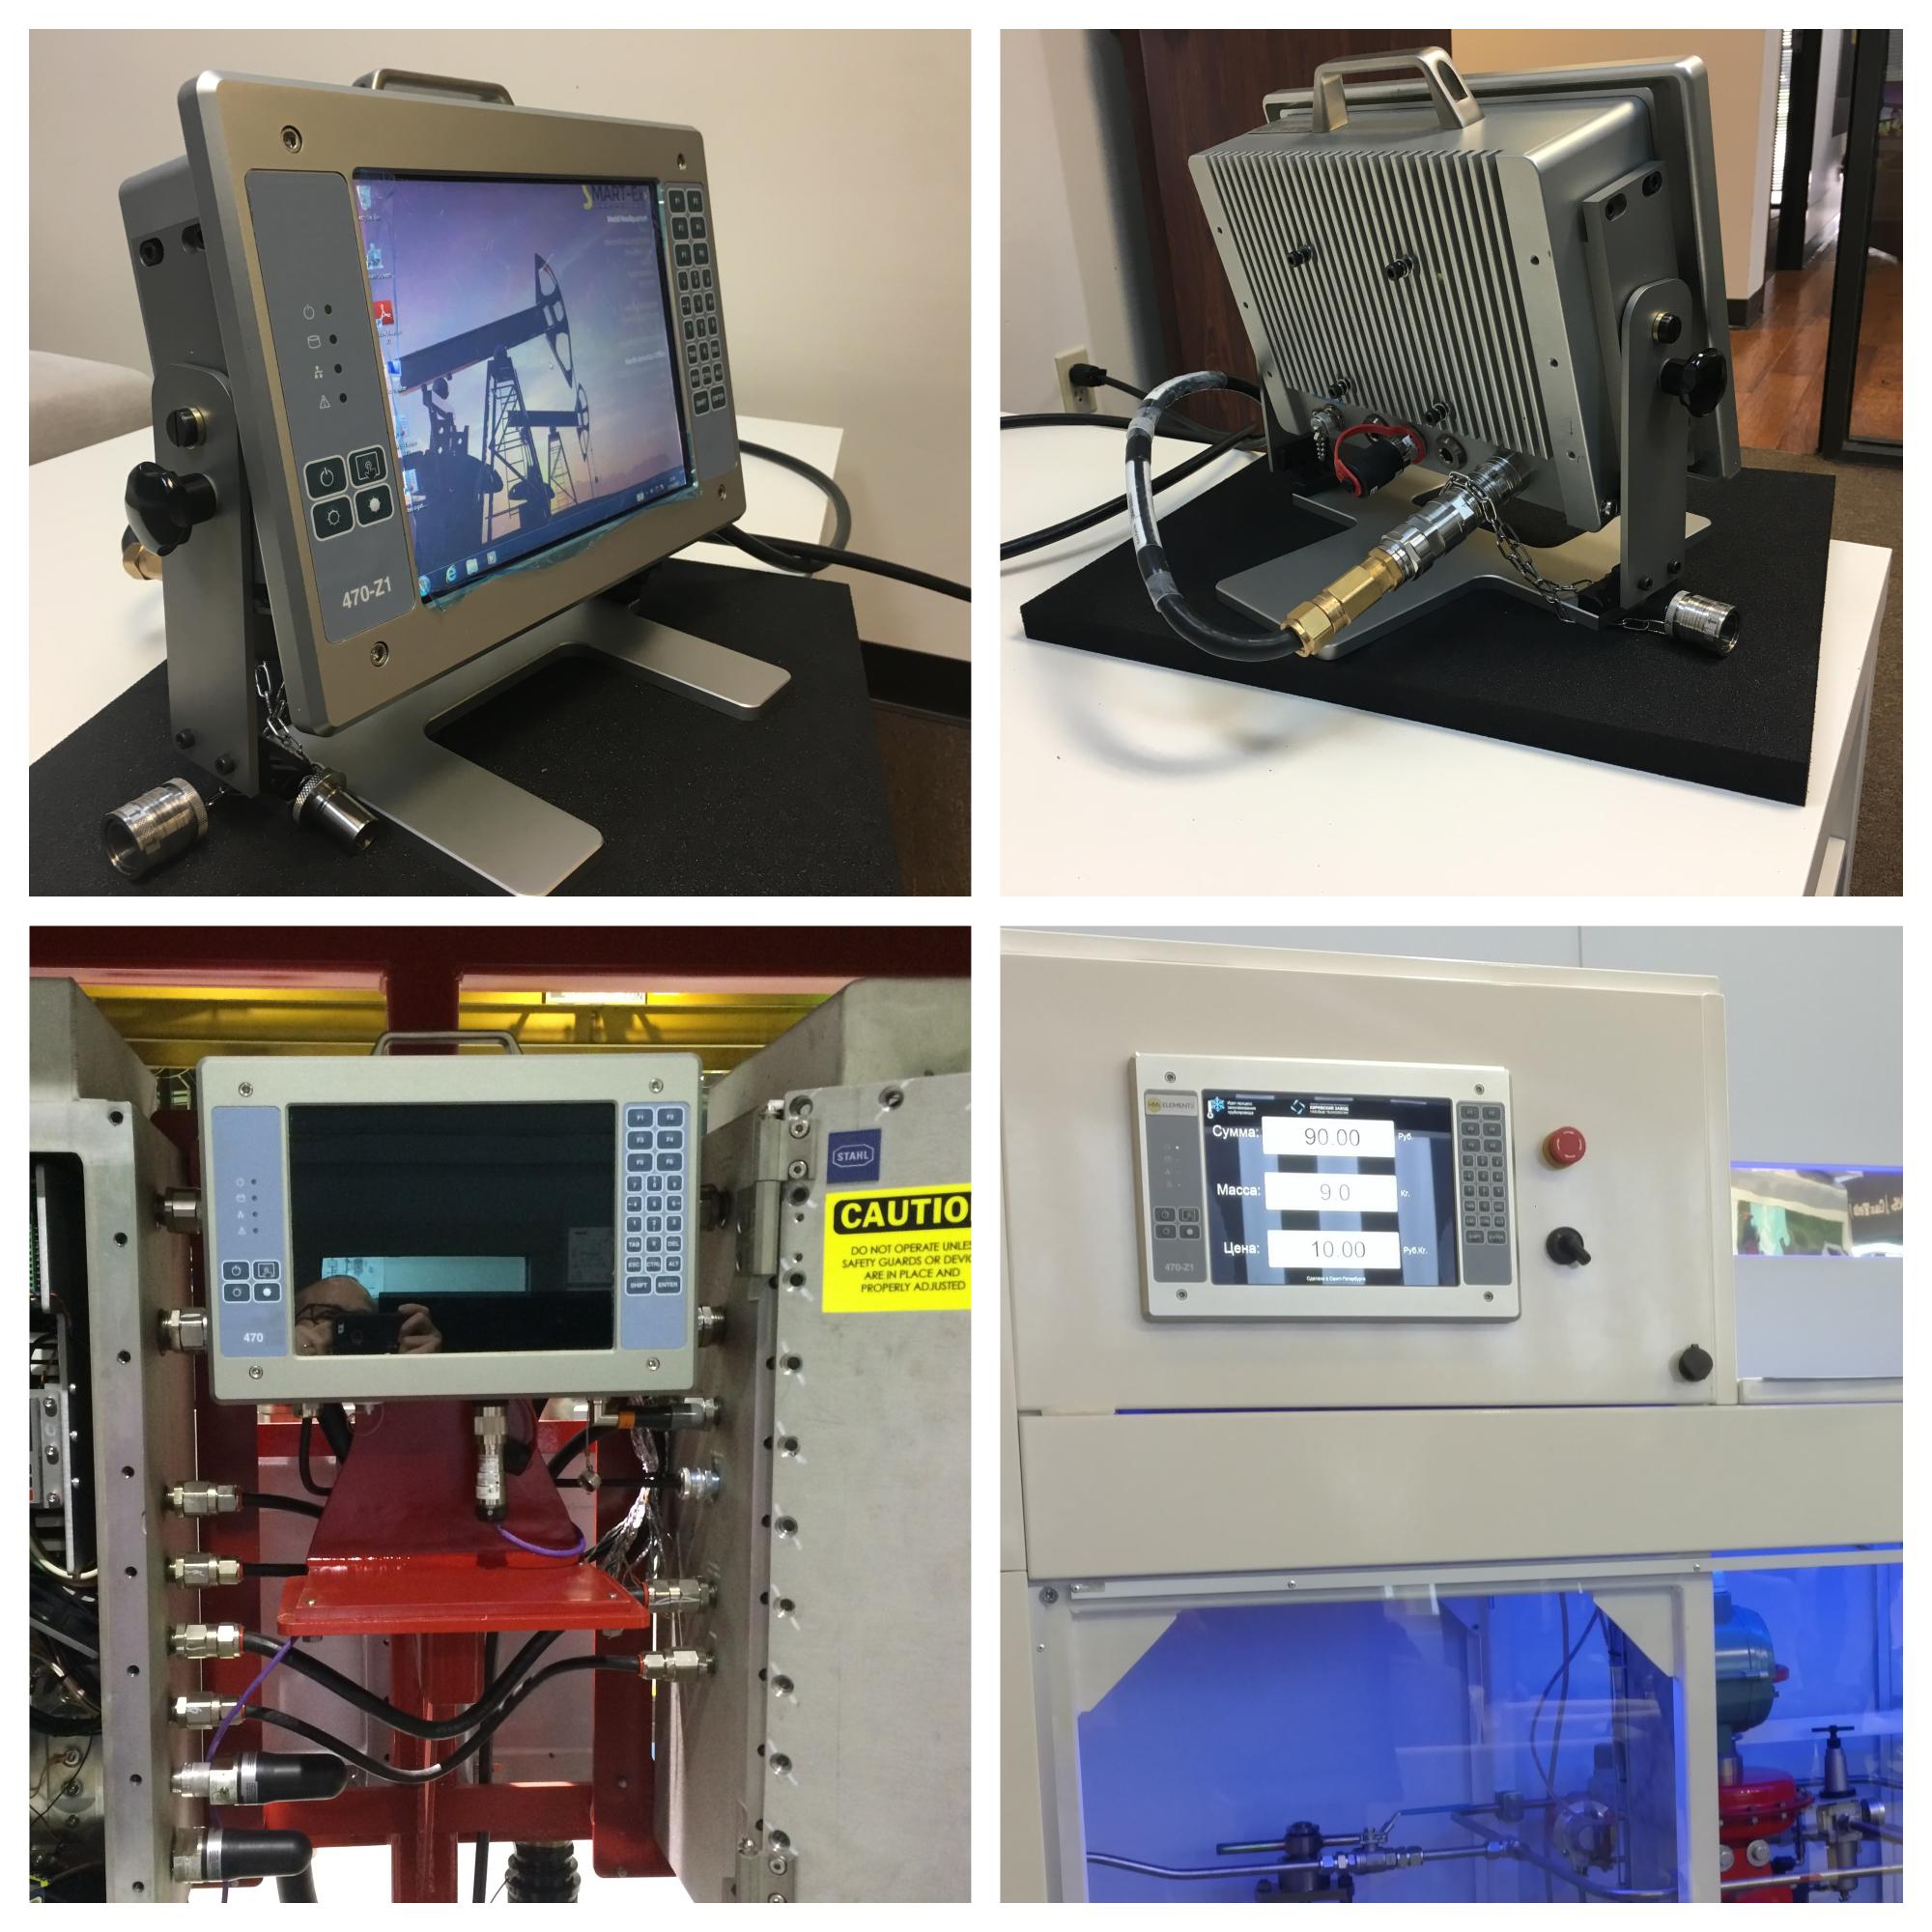 Взрывозащищенный компьютер HMi Elements 470-Z1 для применения в качестве стационарного или выносного устройства управления